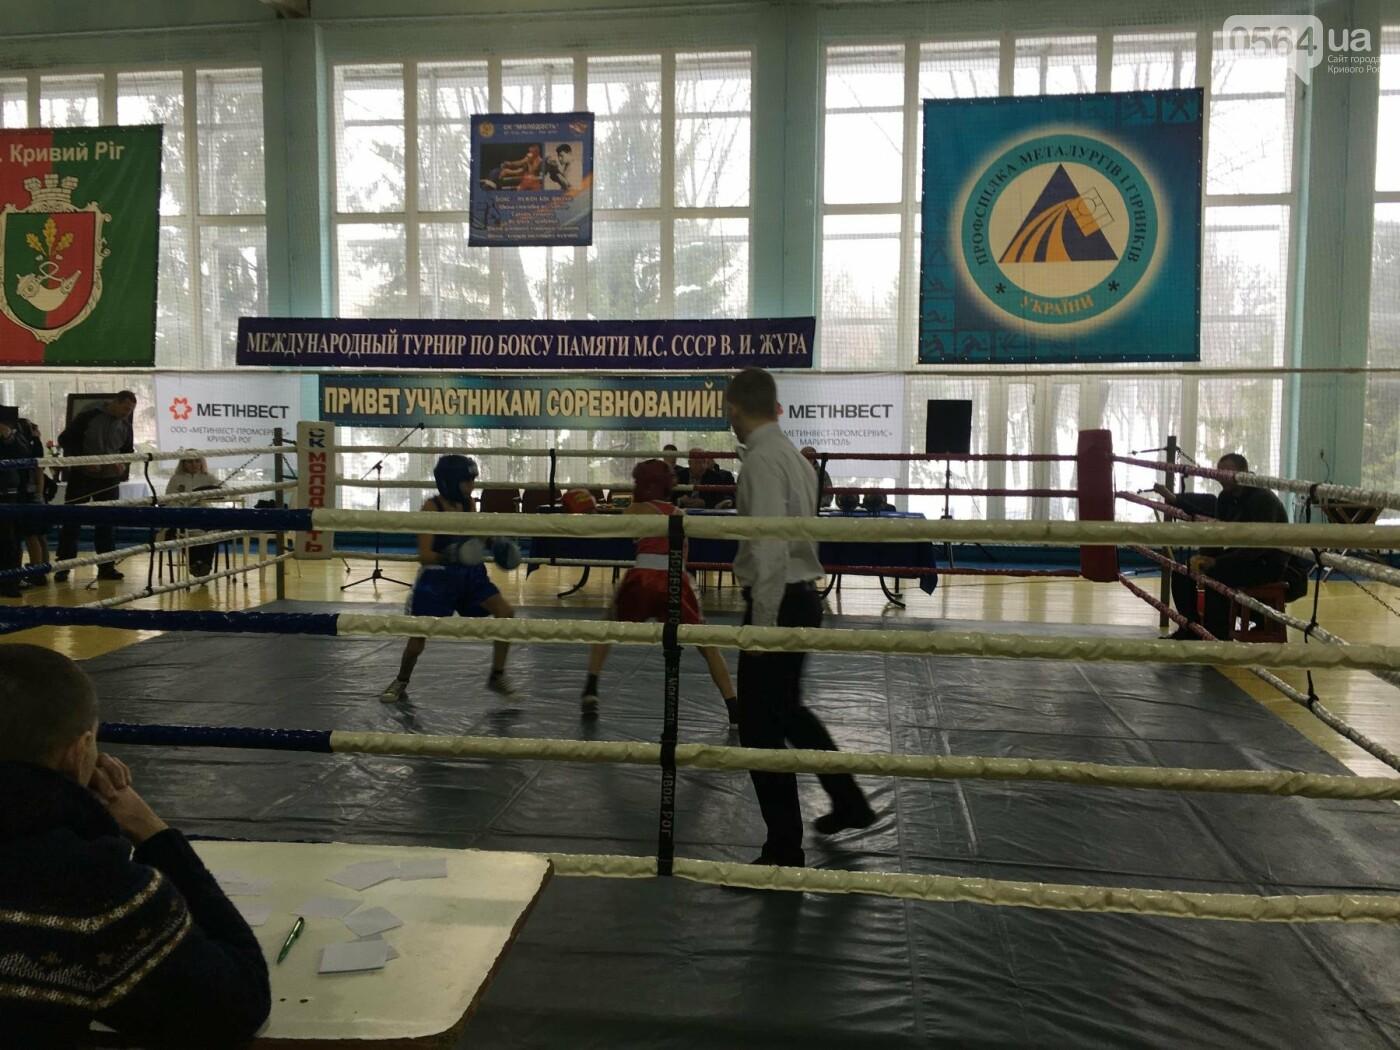 В Кривом Роге состоялся Международный турнир по боксу (ФОТО, ВИДЕО), фото-10